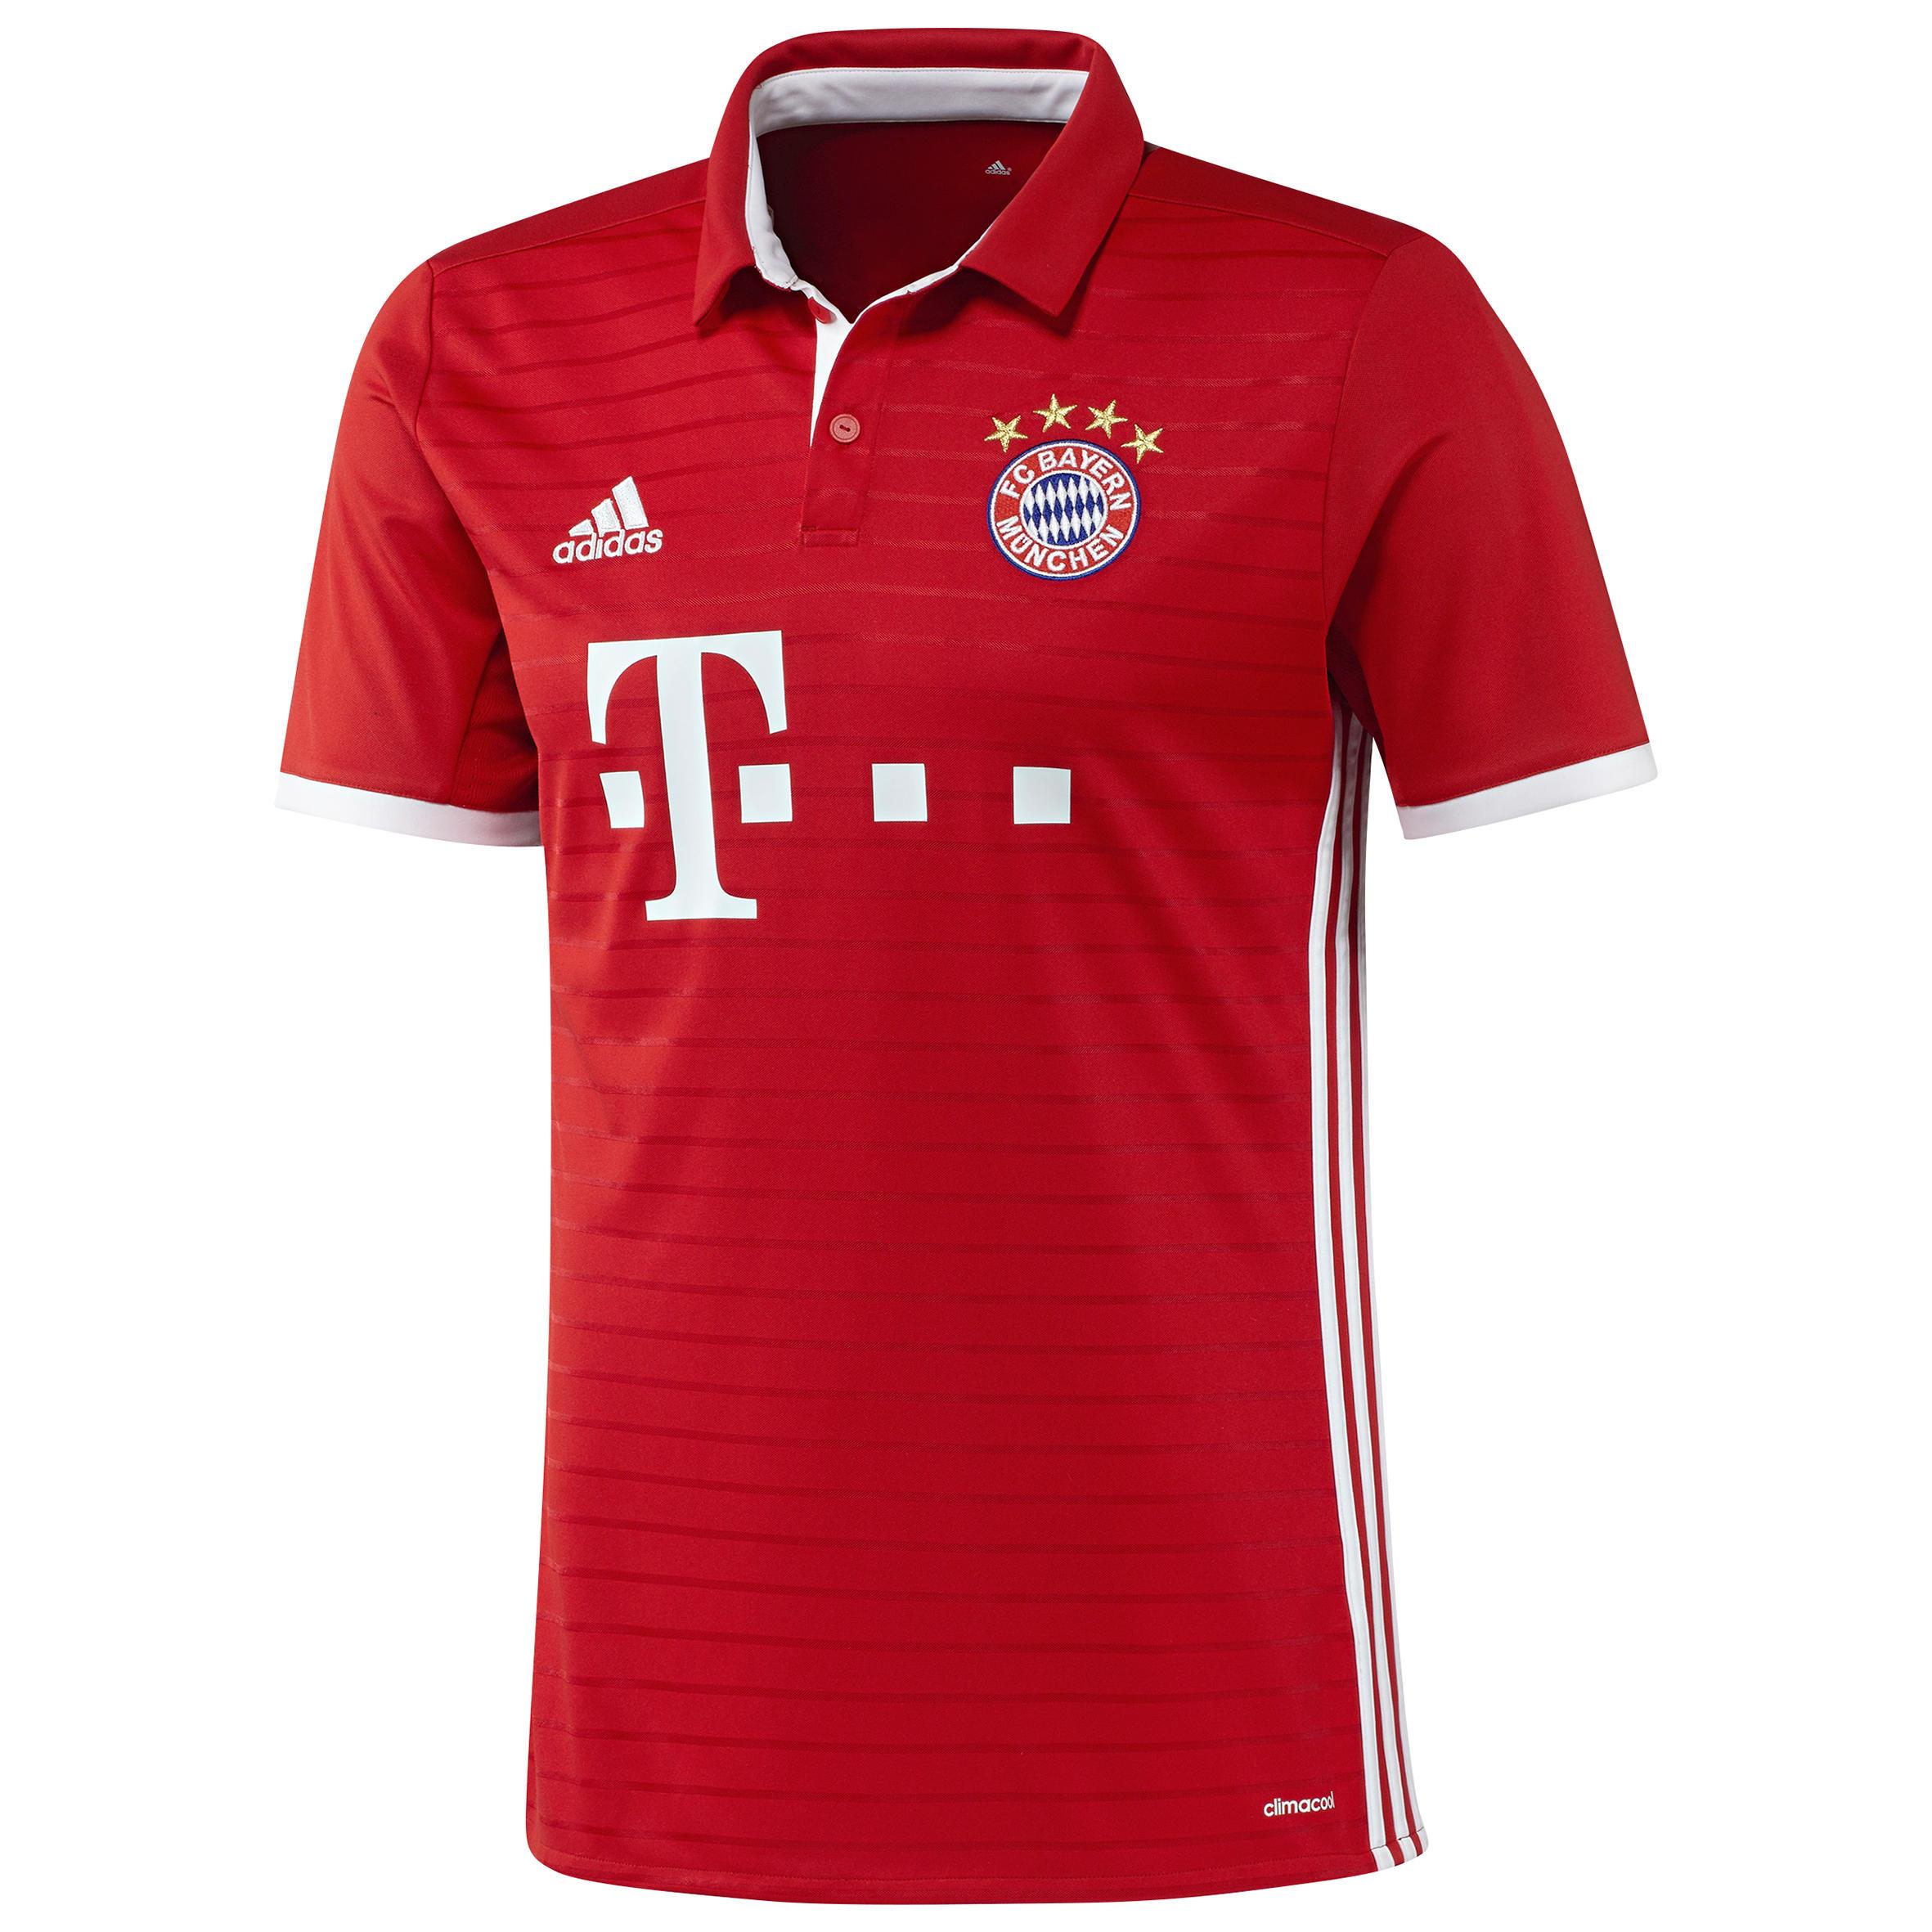 Voetbalshirt voor volwassenen, replica thuisshirt FC Bayern